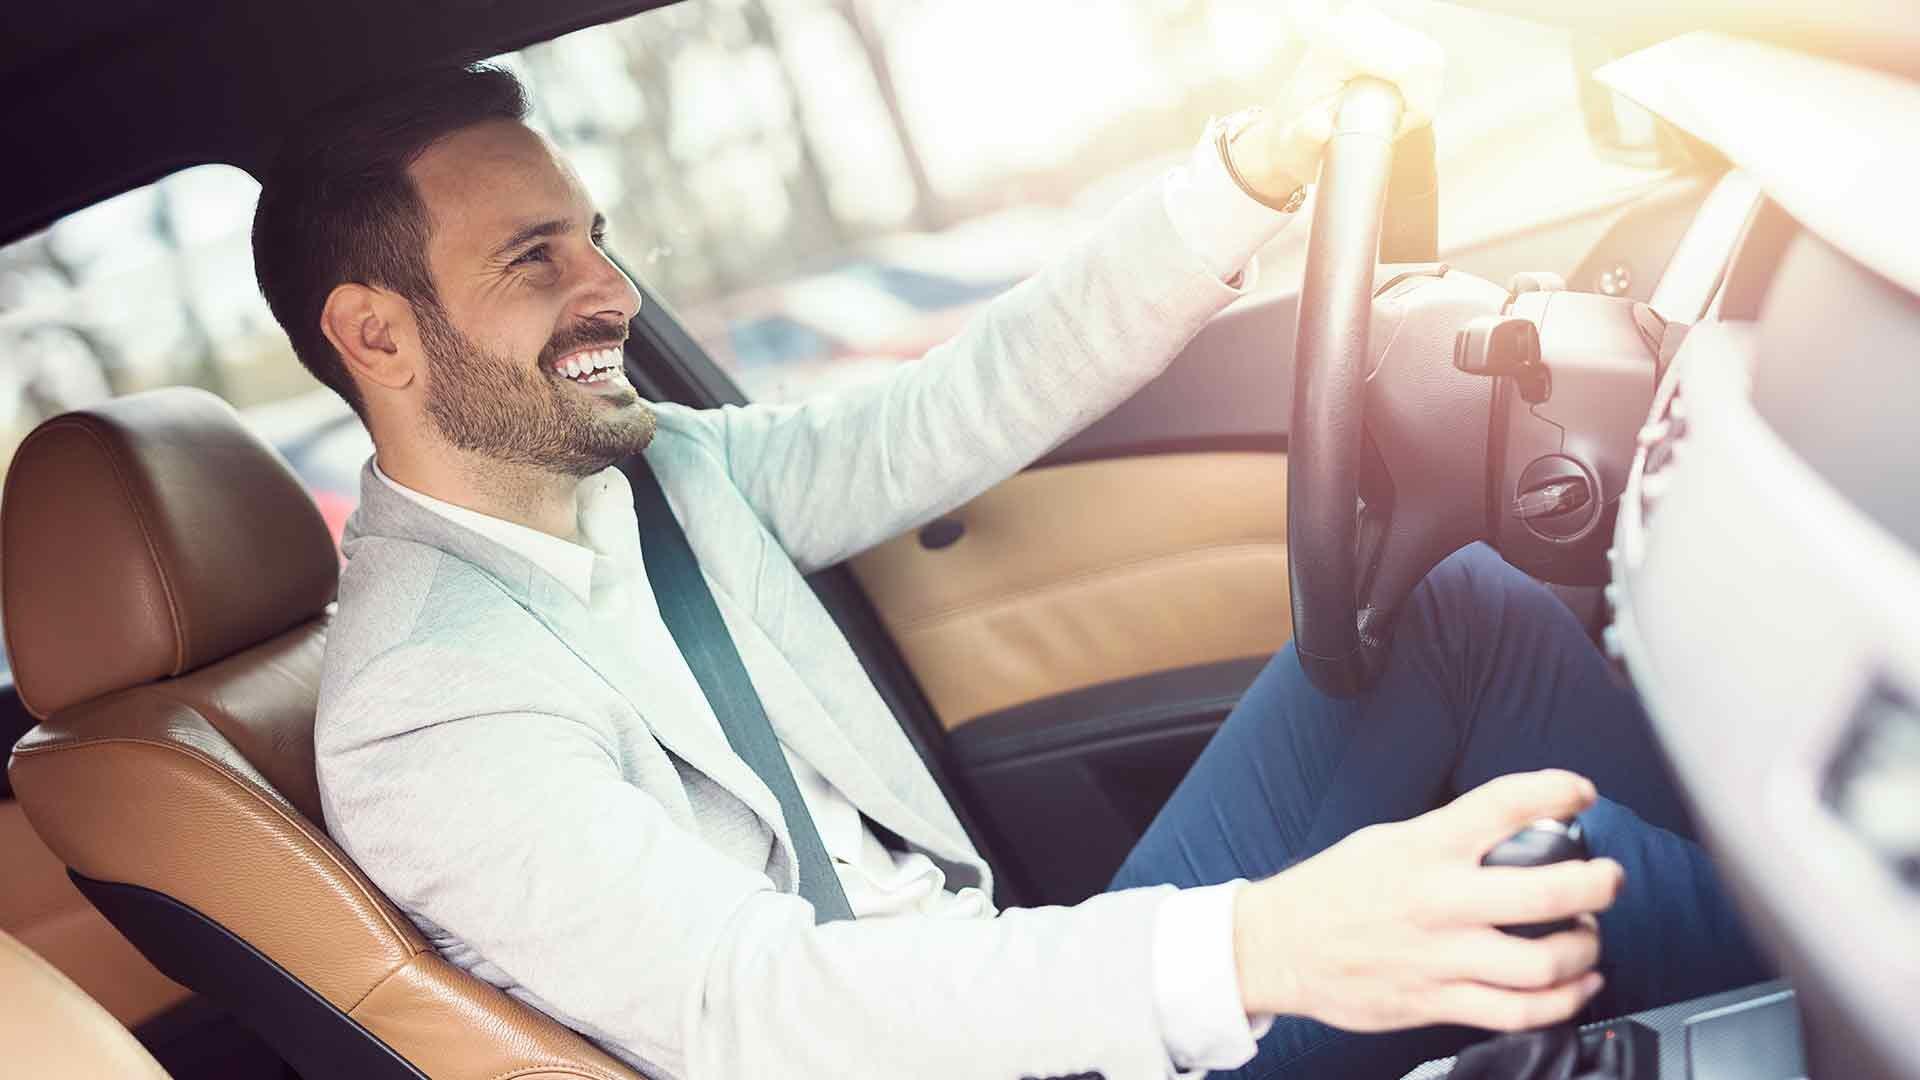 persona-conduciendo